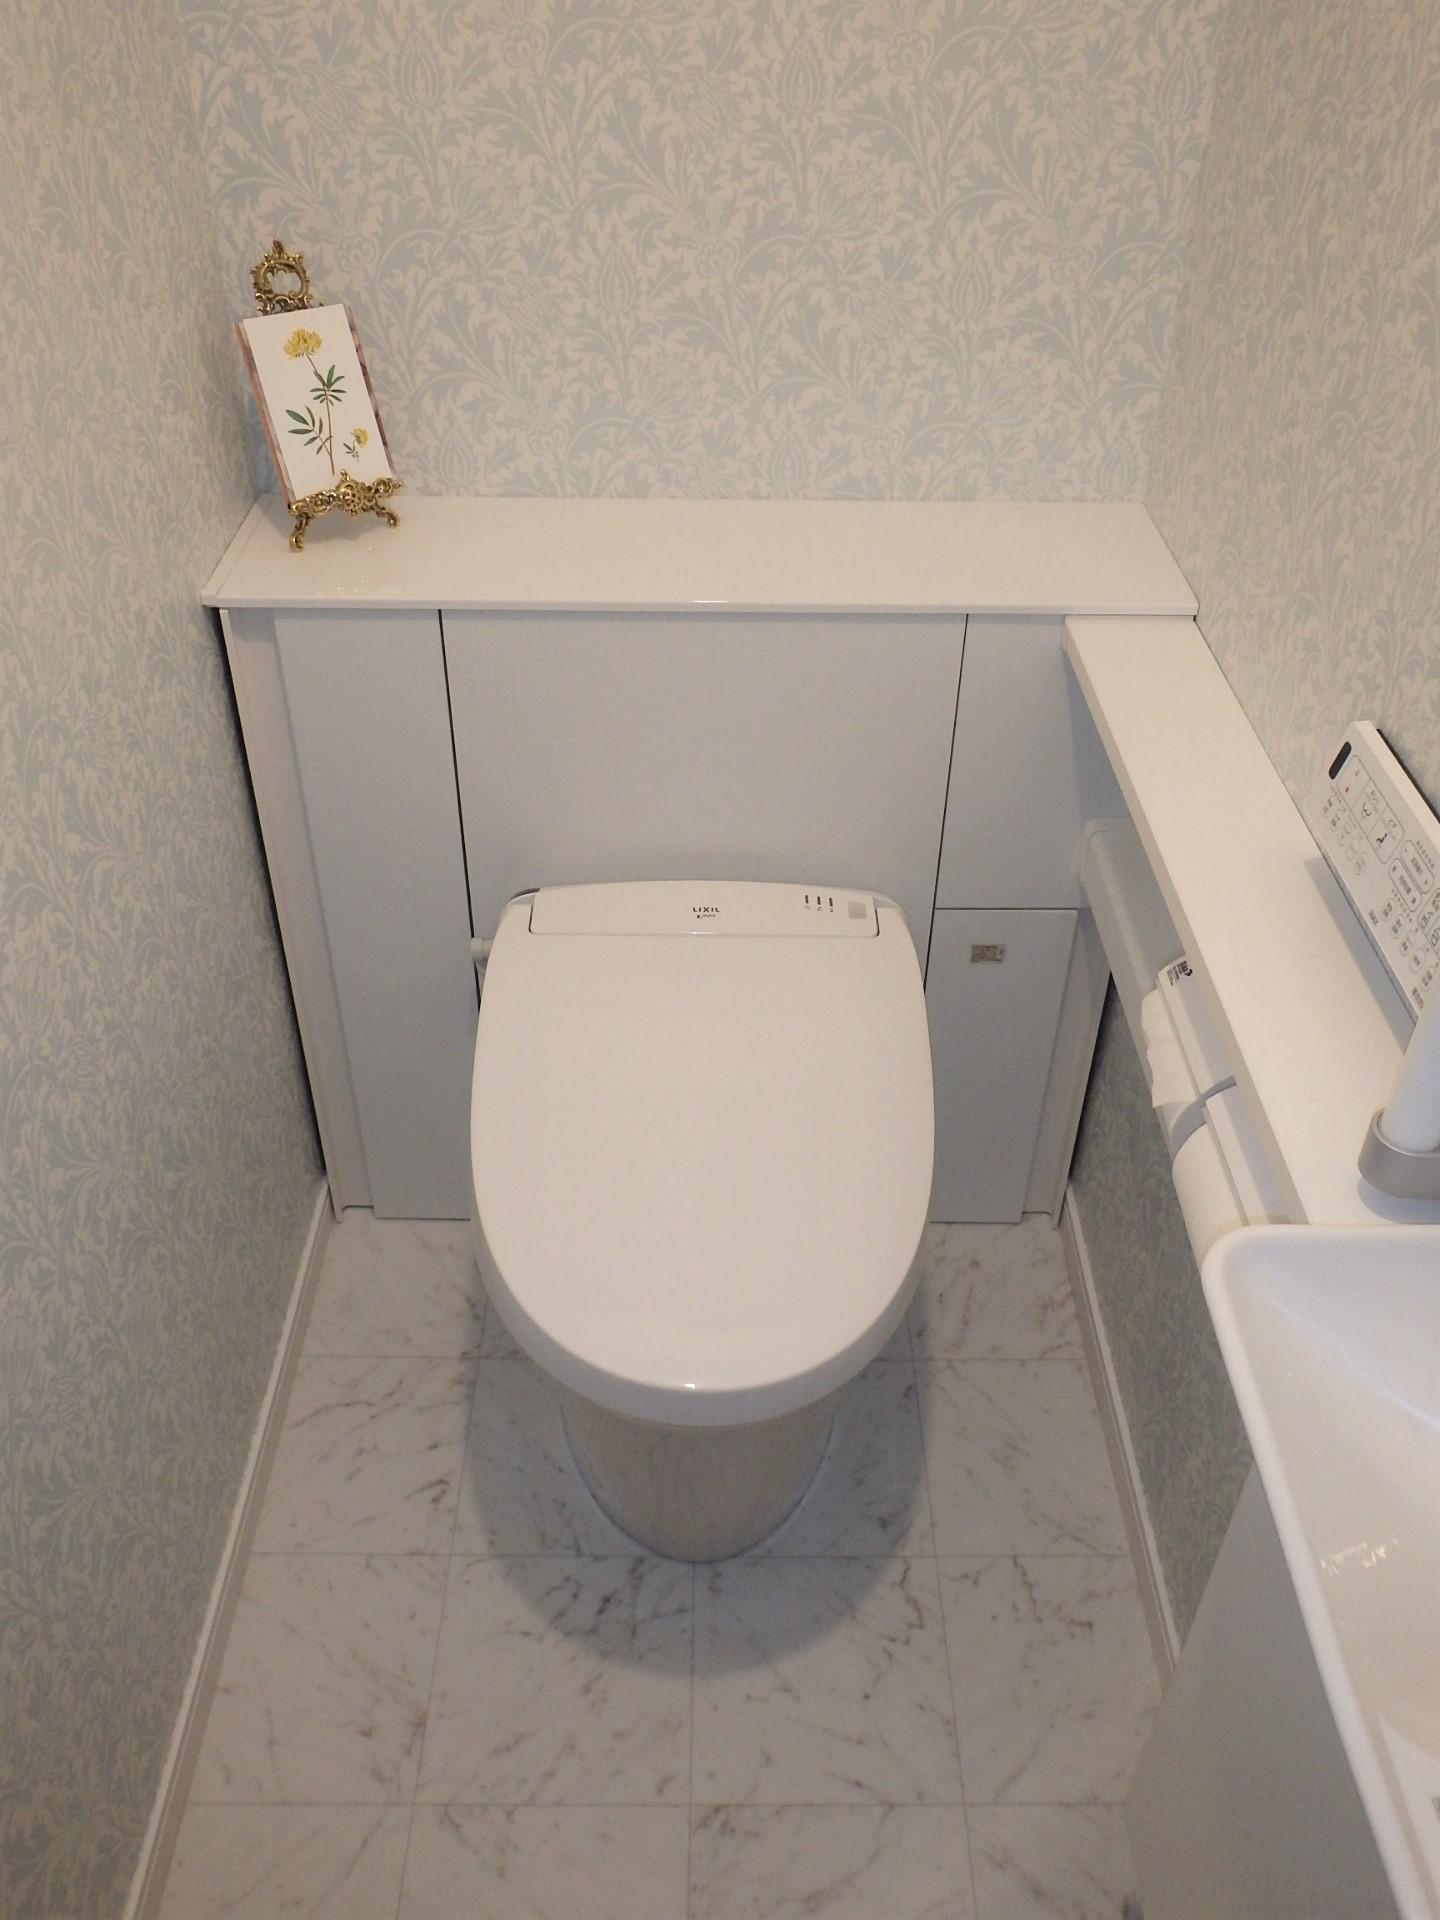 ★トイレの施工事例がUPされました!